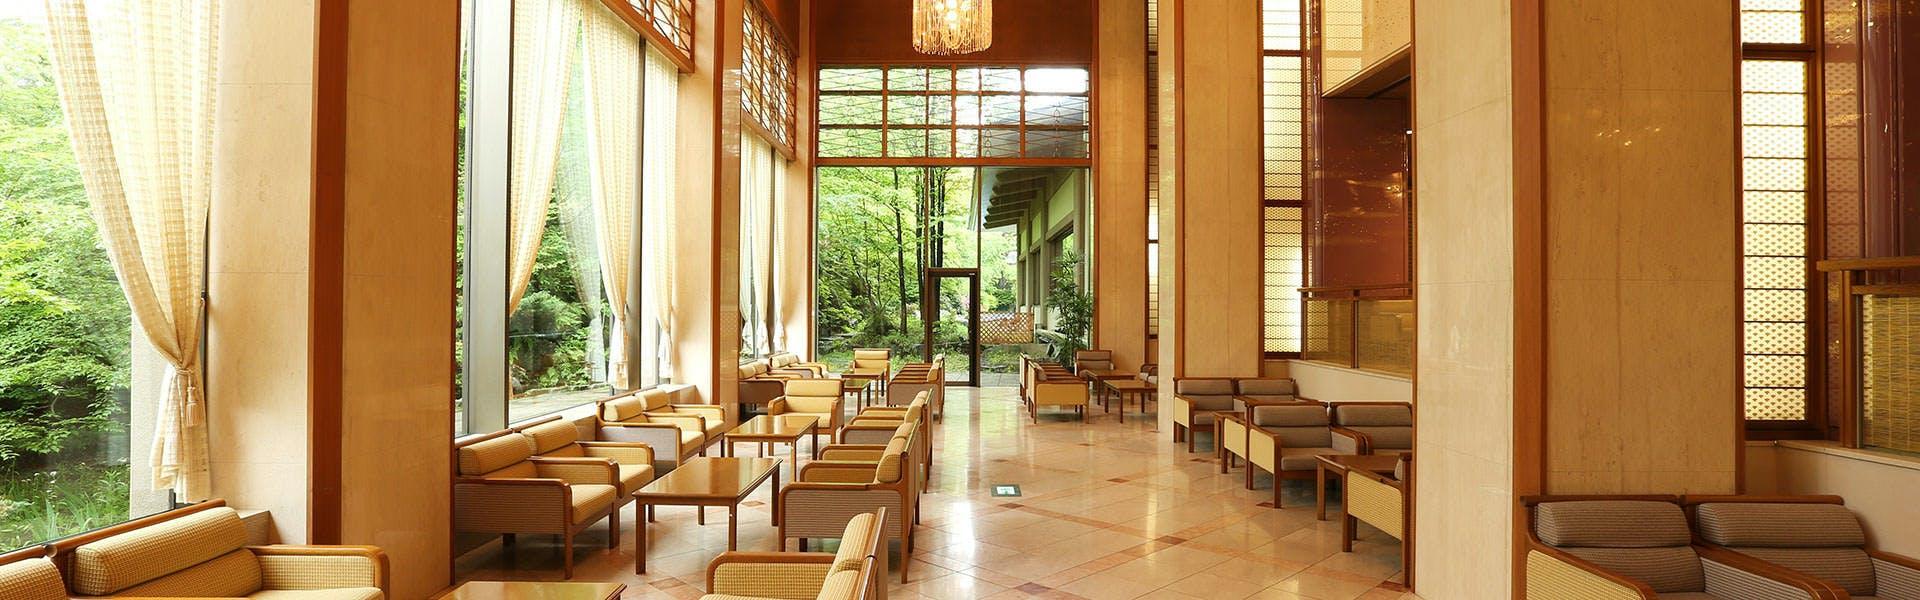 記念日におすすめのホテル・草津温泉 ホテル櫻井の写真2